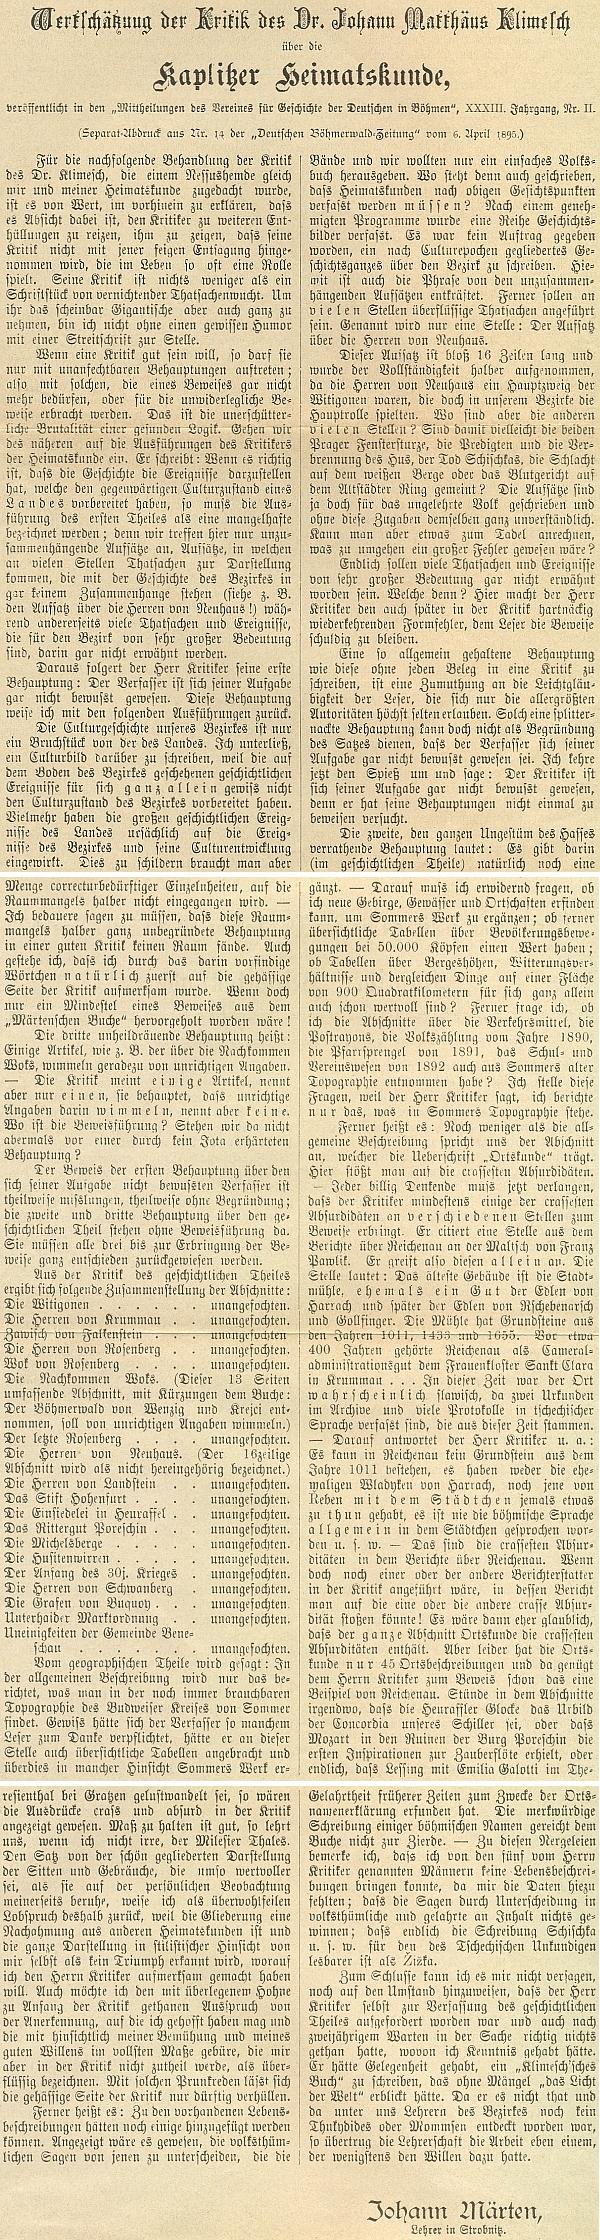 """Separátní otisk z krumlovského listu Deutsche Böhmerwald-Zeitung, vložený v Märtenem uspořádané """"Kaplitzer Heimatskunde"""", reaguje obsáhle na kritiku, kterou proti knize vznesl Dr. Johann Matthäus Klimesch"""